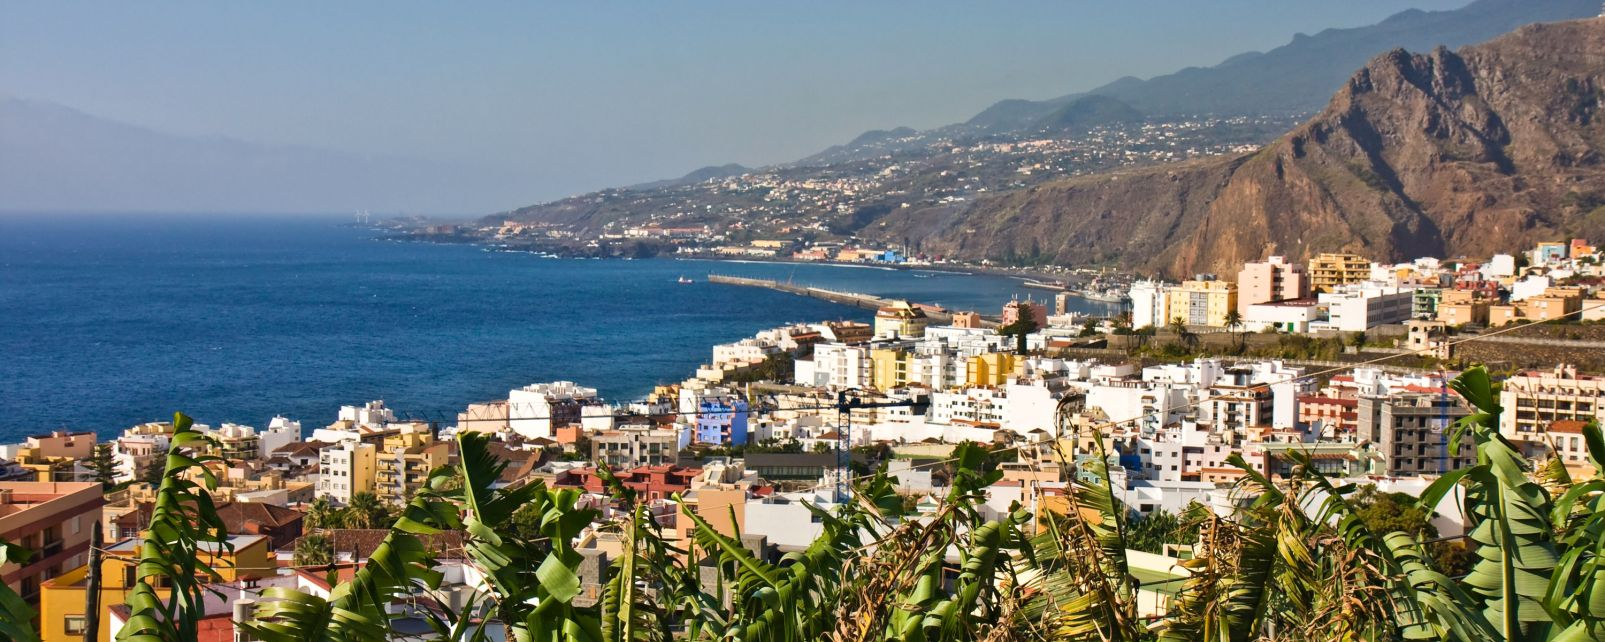 La Palma: el observatorio astronómico, La Palma, Los paisajes, Canarias